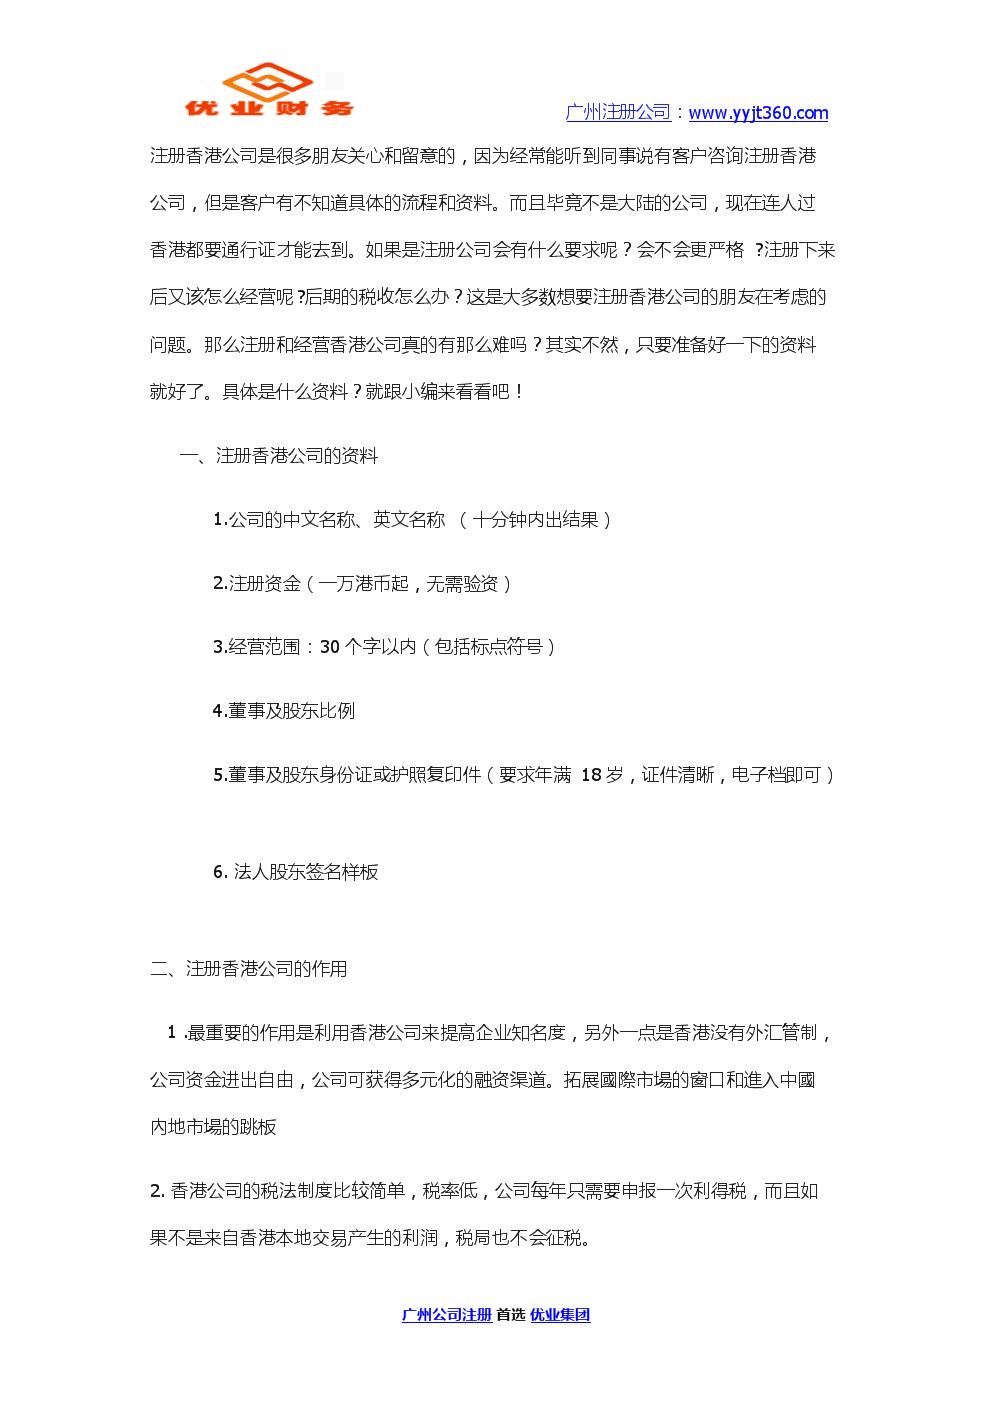 注册香港公司的流程及注意事项  优业集团.docx